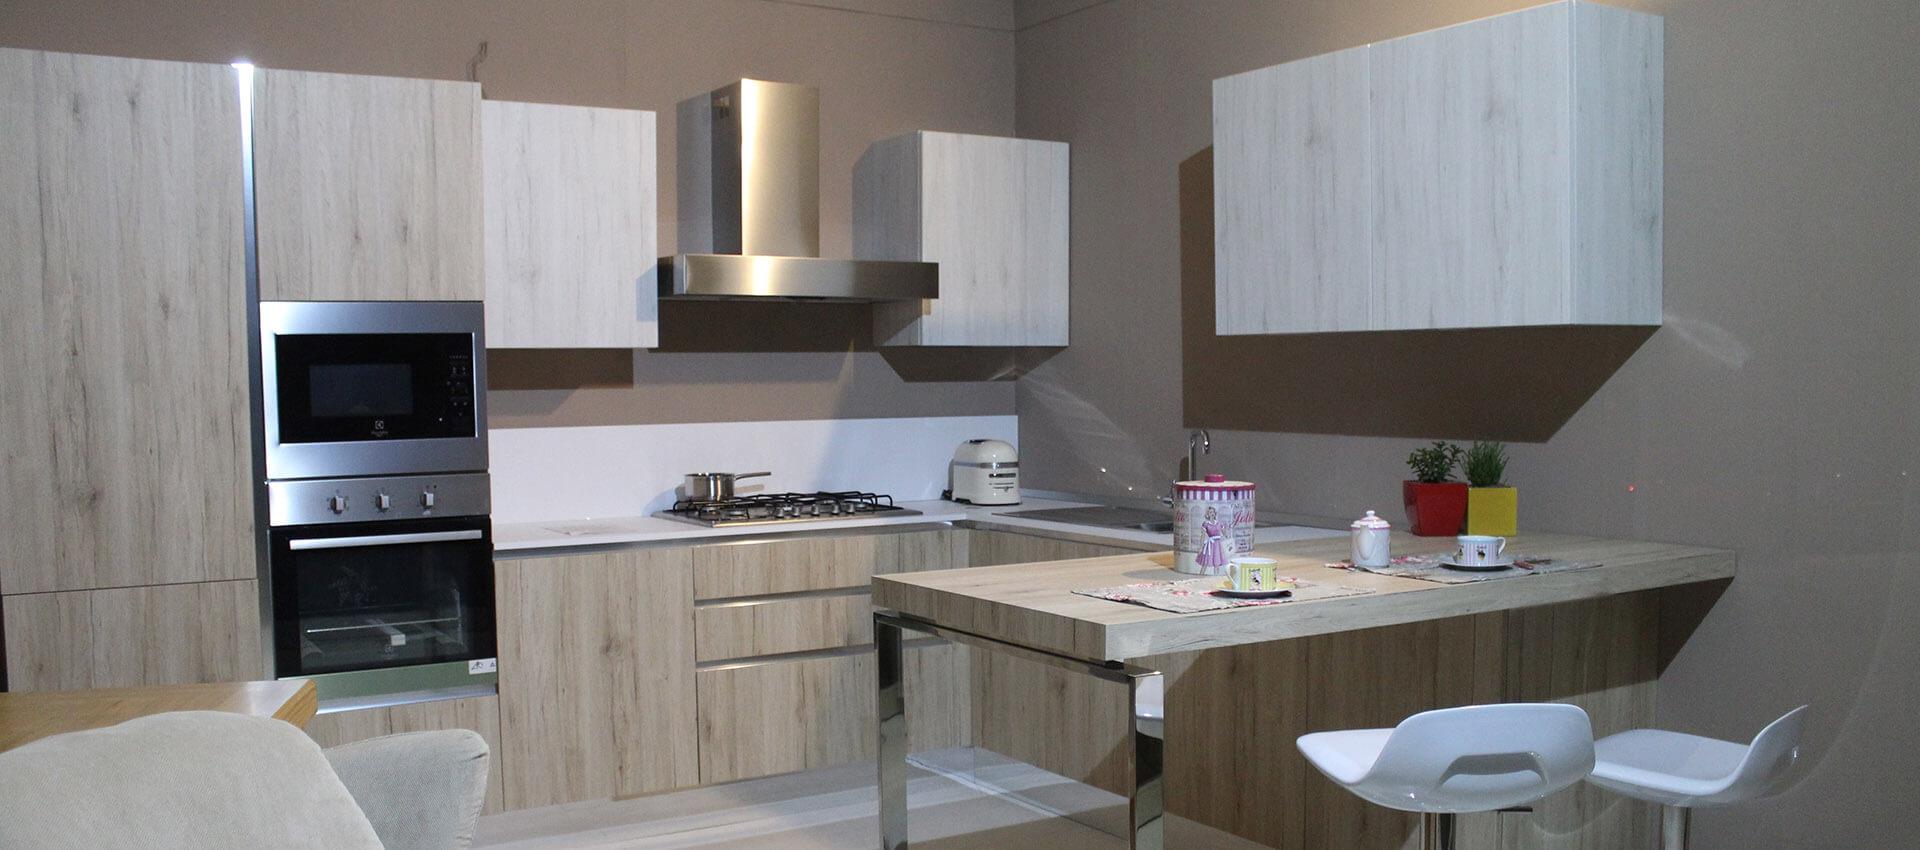 Portada de reformas de cocinas en León